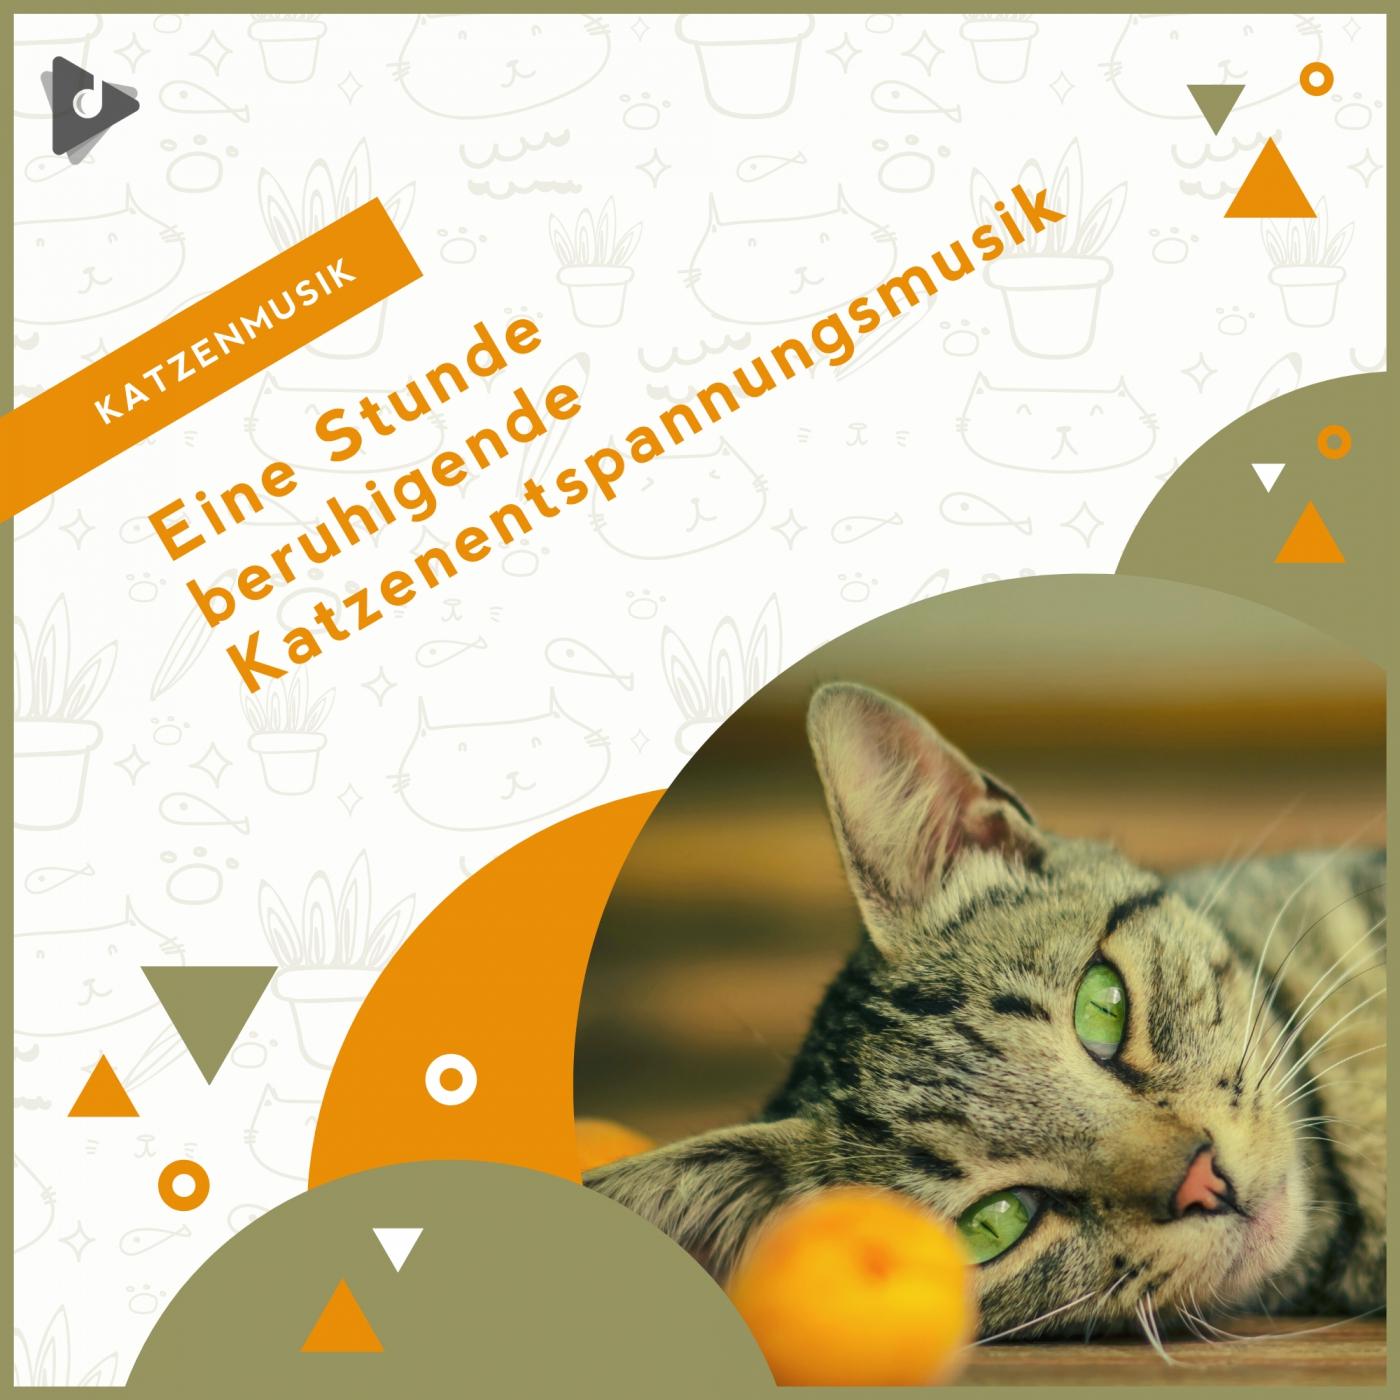 Eine Stunde beruhigende Katzenentspannungsmusik